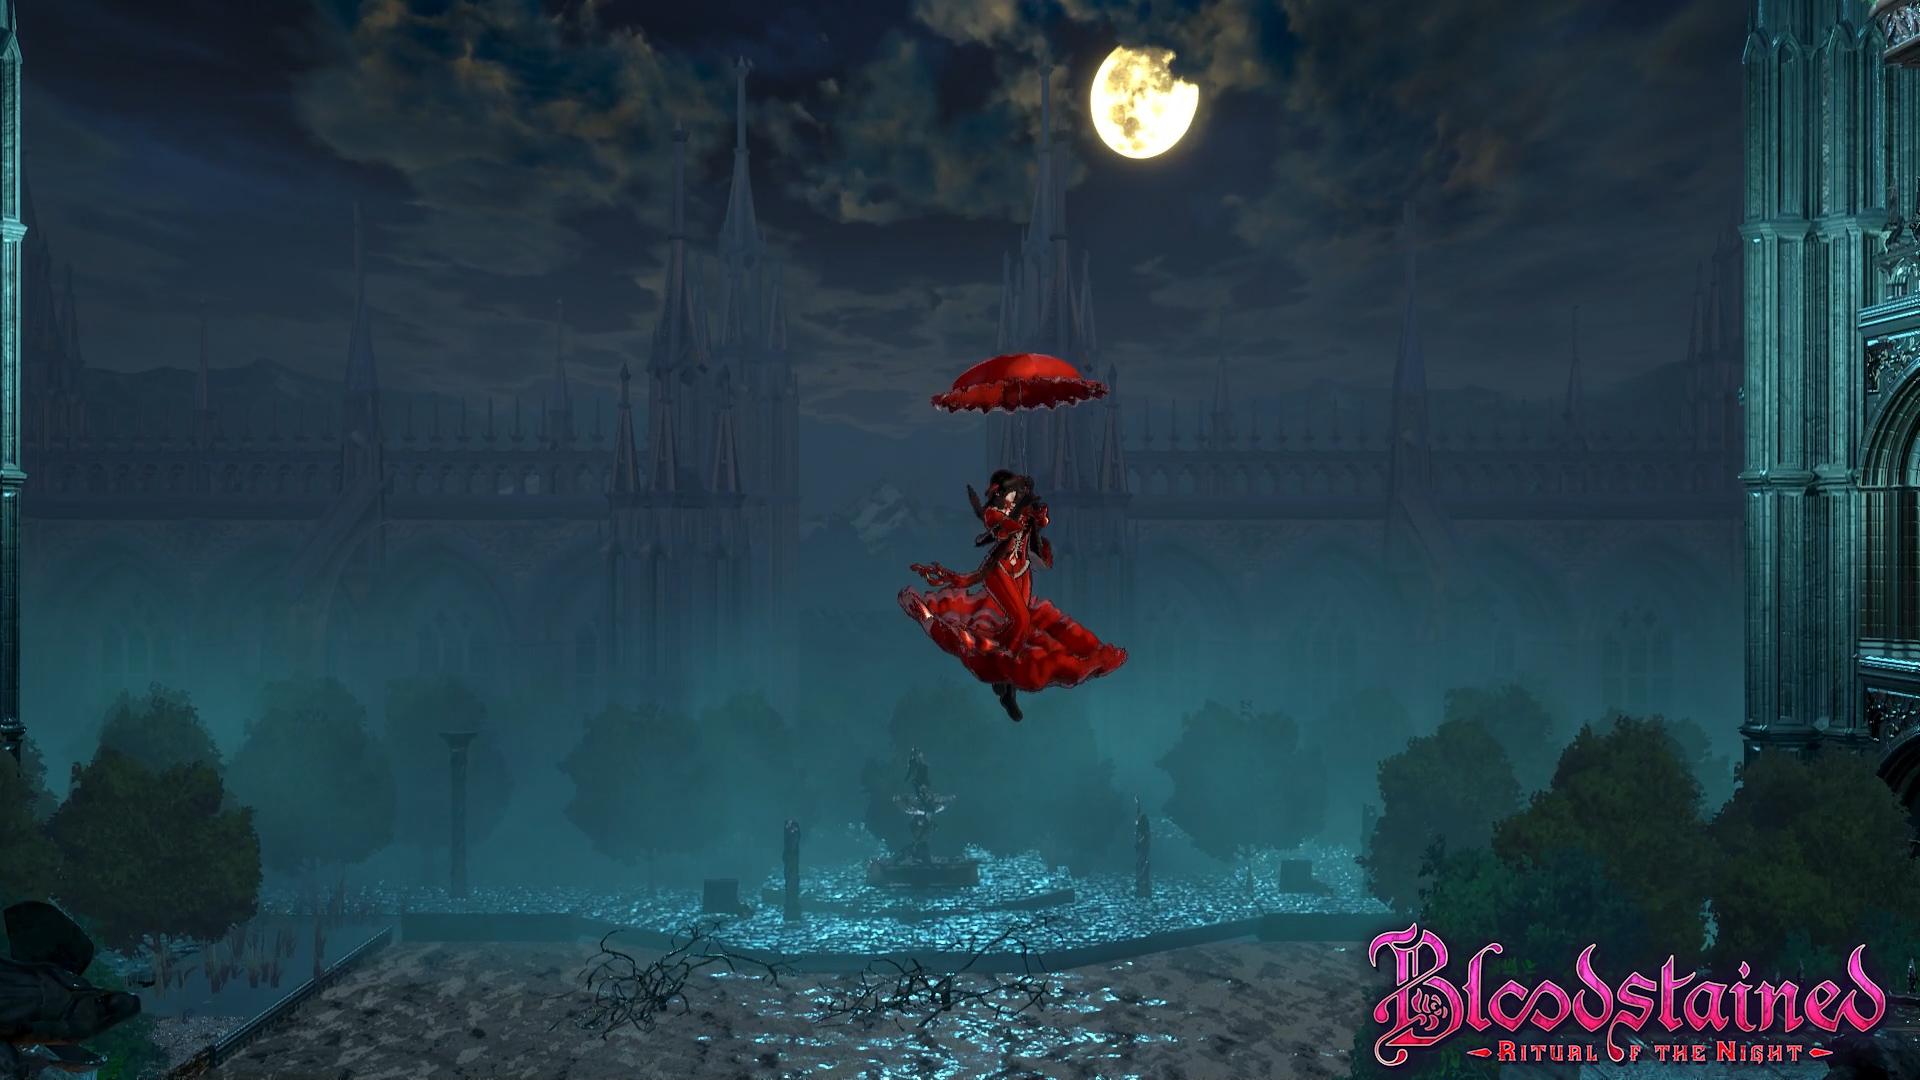 Bloodless Flight